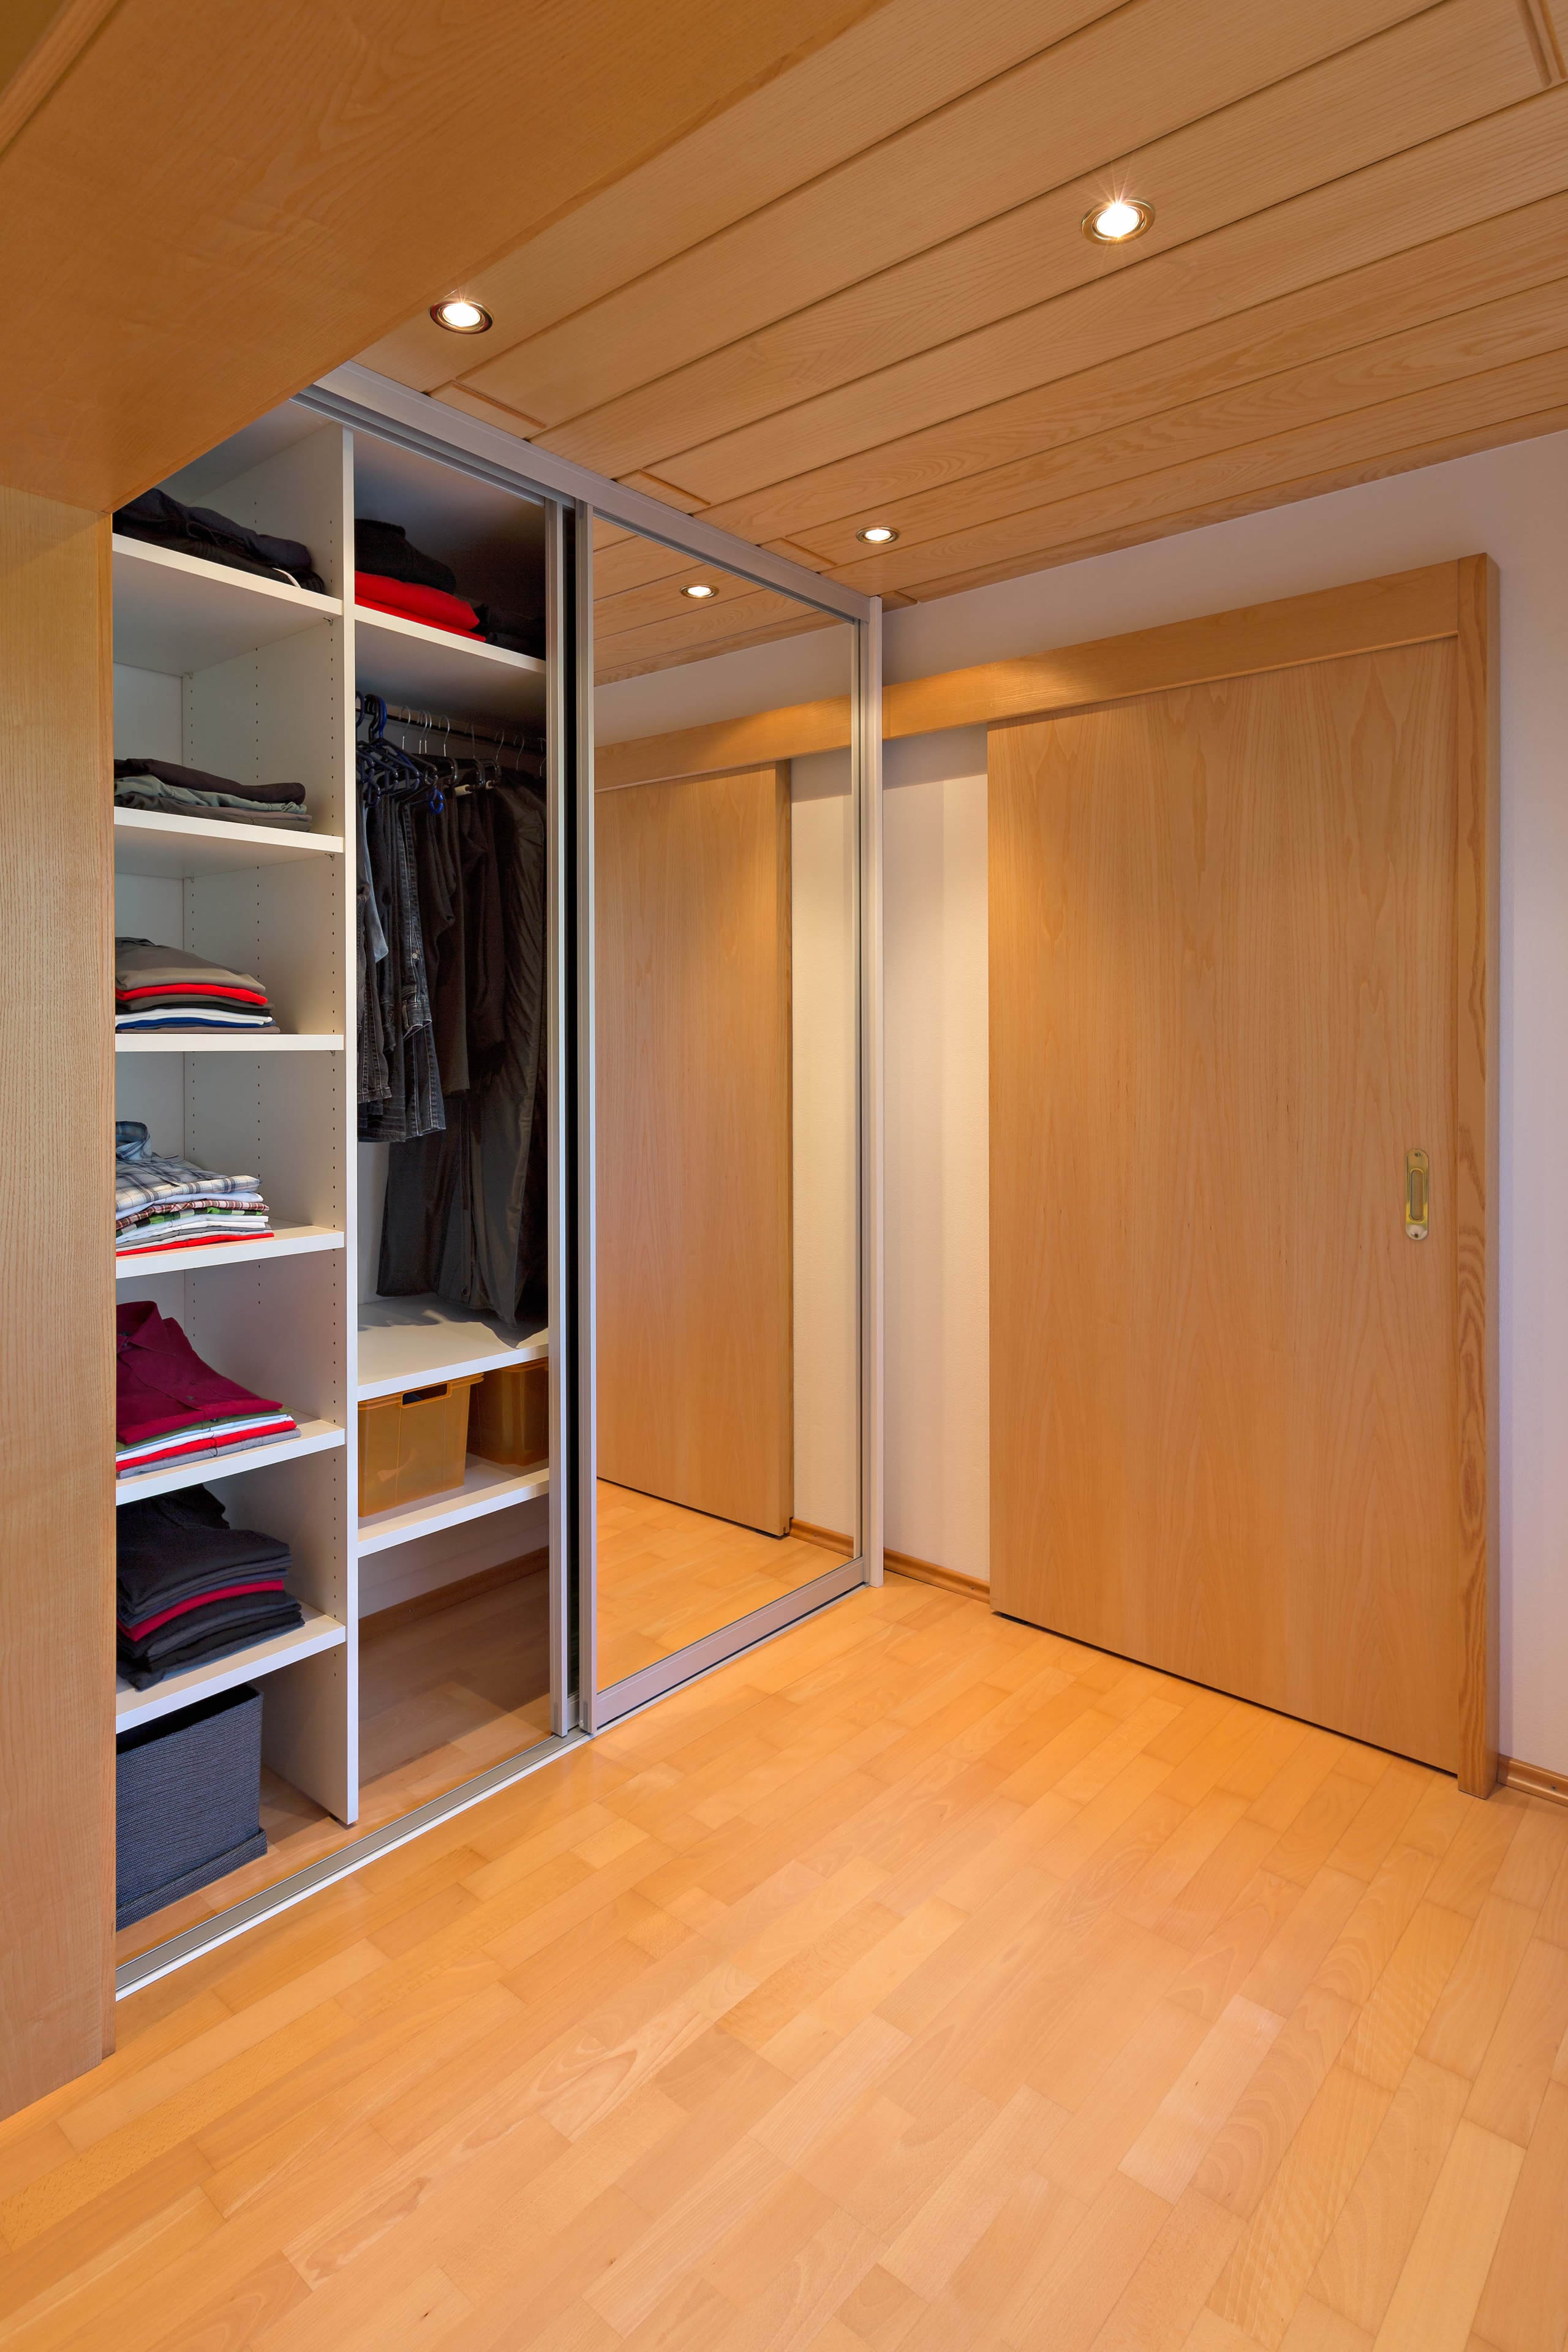 spiegelschrank im durchgang vom schlafzimmer ins. Black Bedroom Furniture Sets. Home Design Ideas